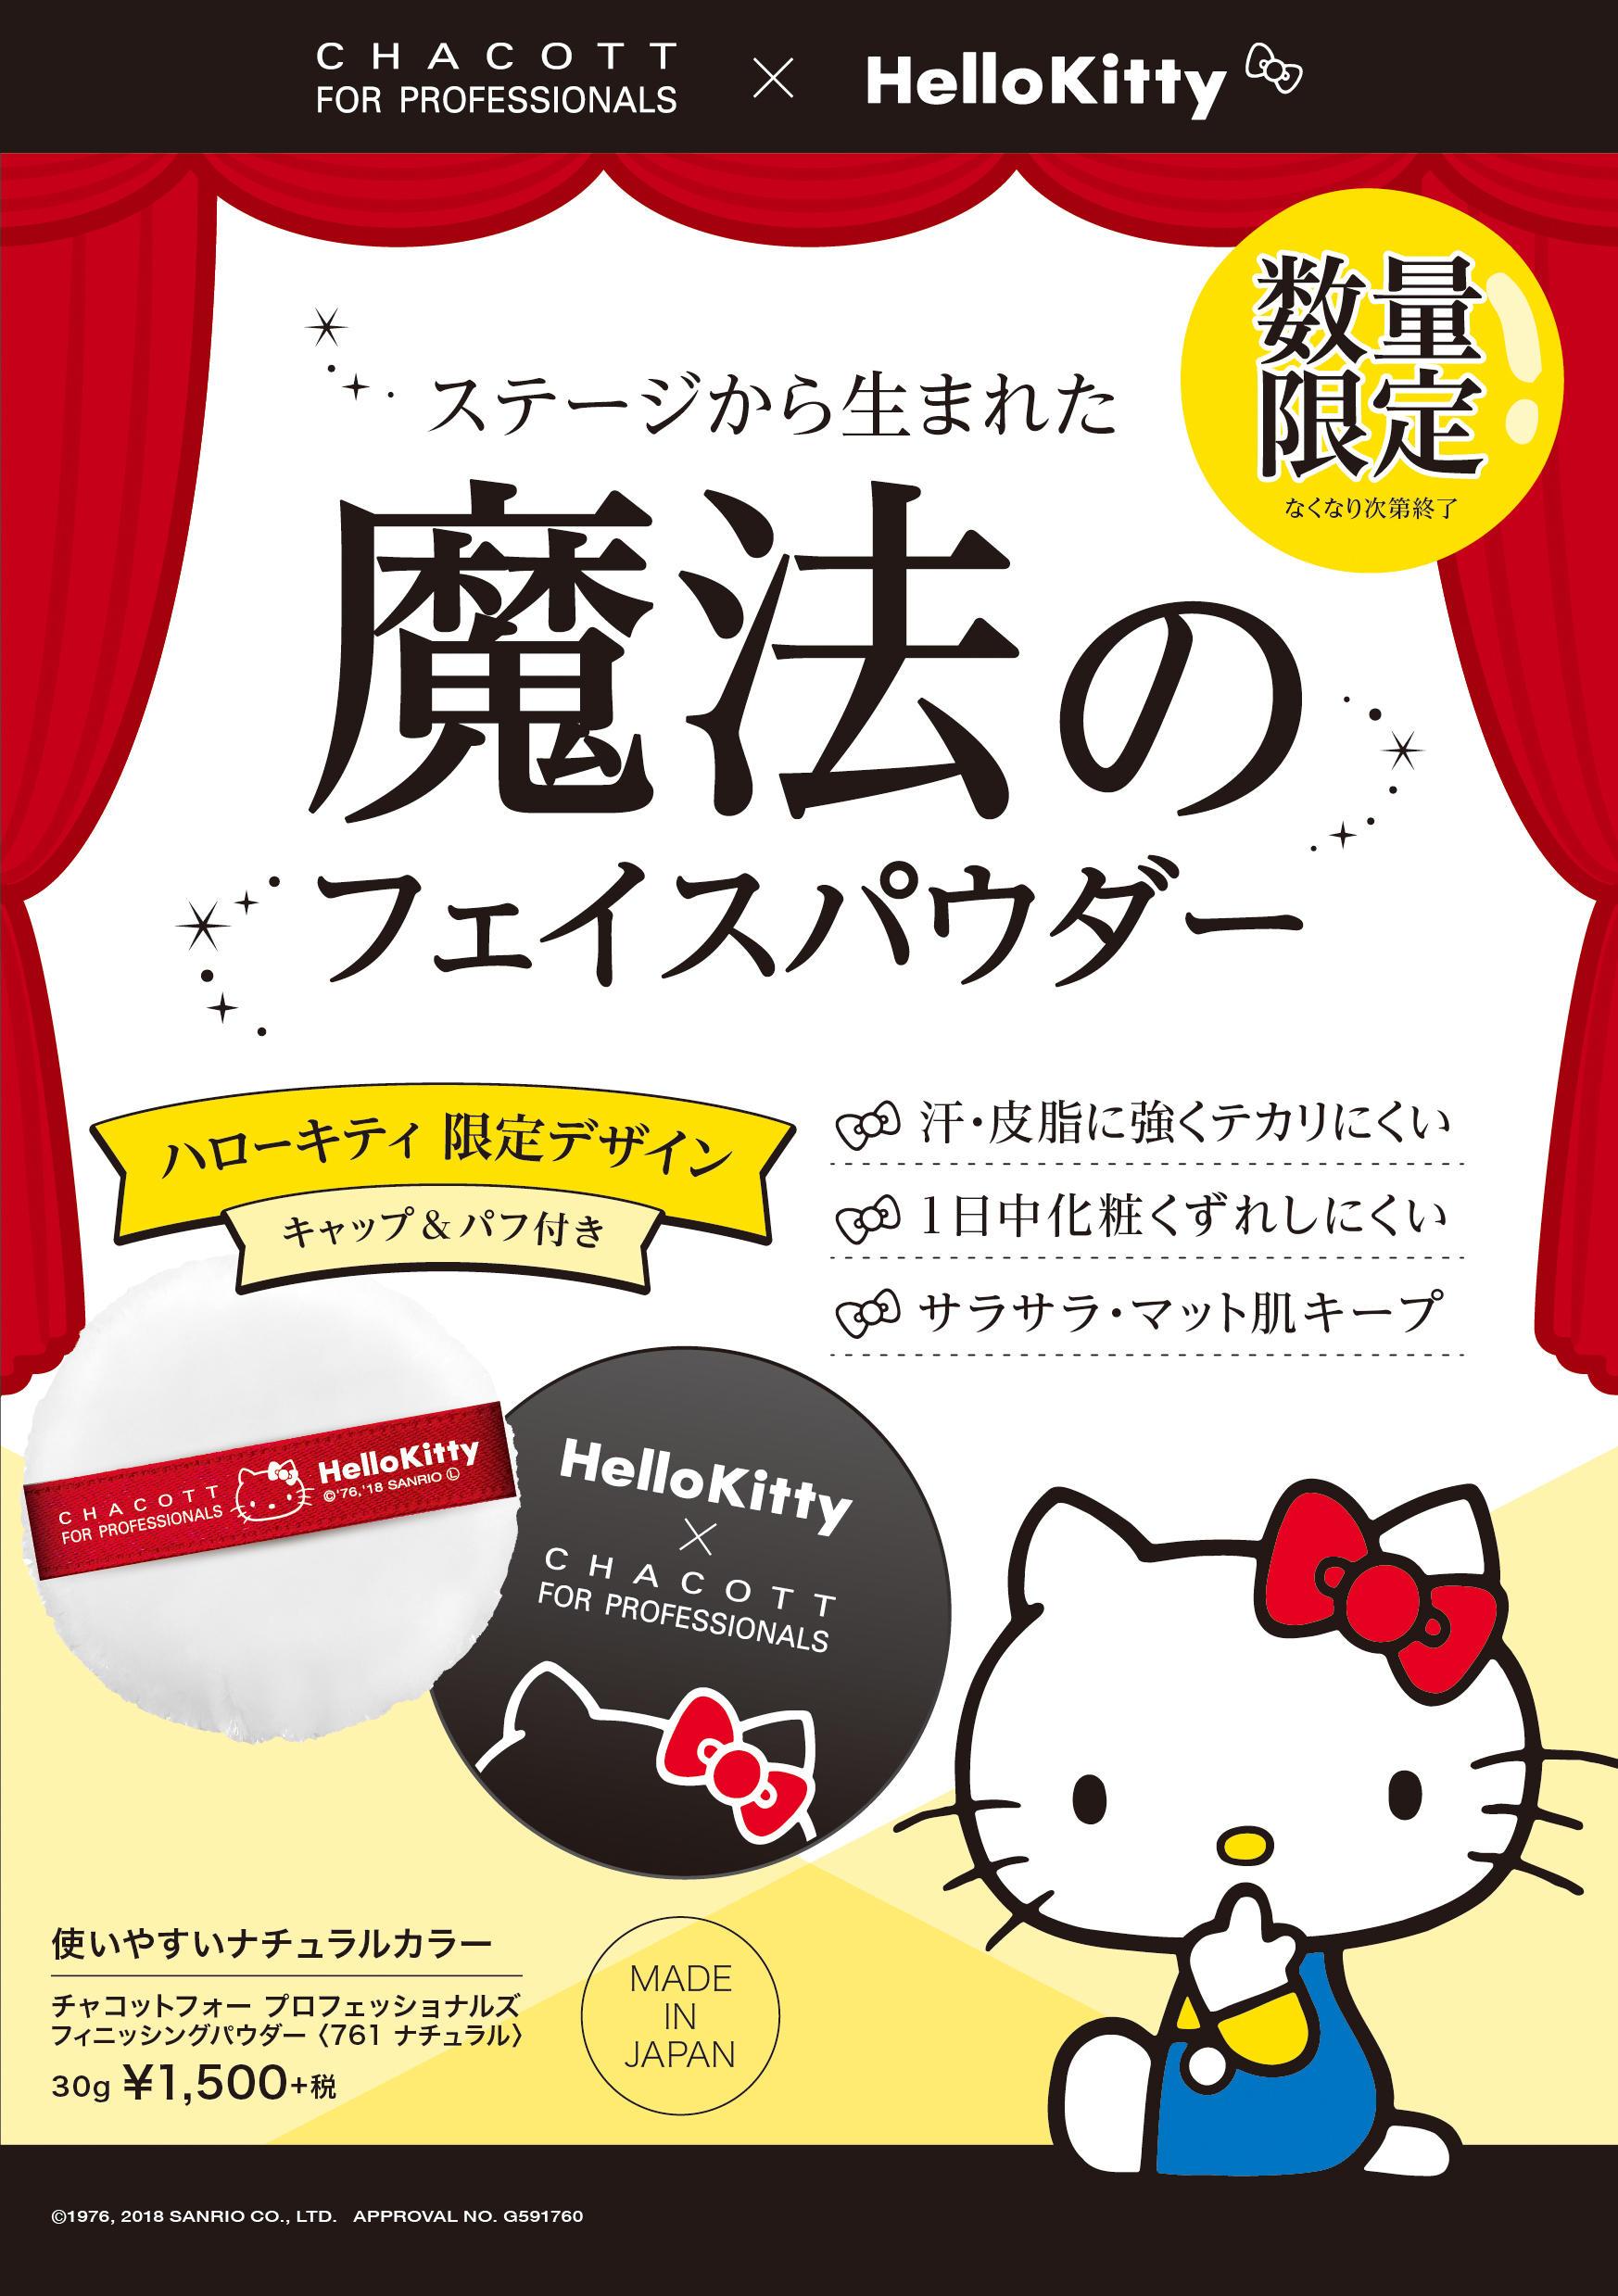 1107_kittypop_chirashidata_new.jpg